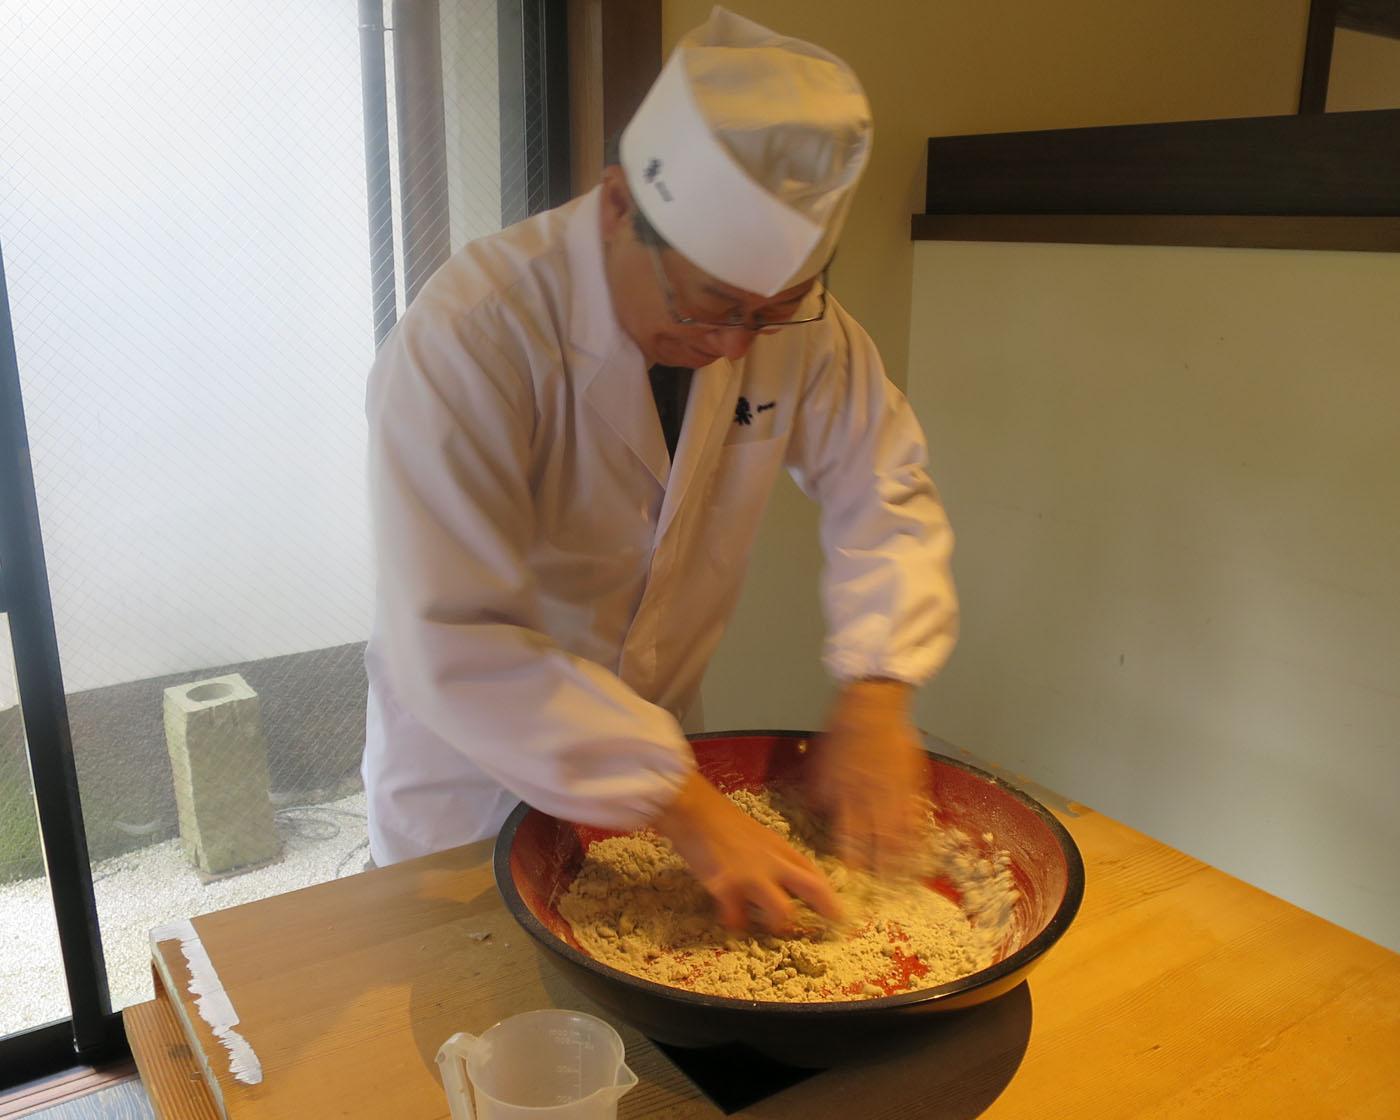 老舗料亭で松江の匠と楽しむ蕎麦打ち&試食体験